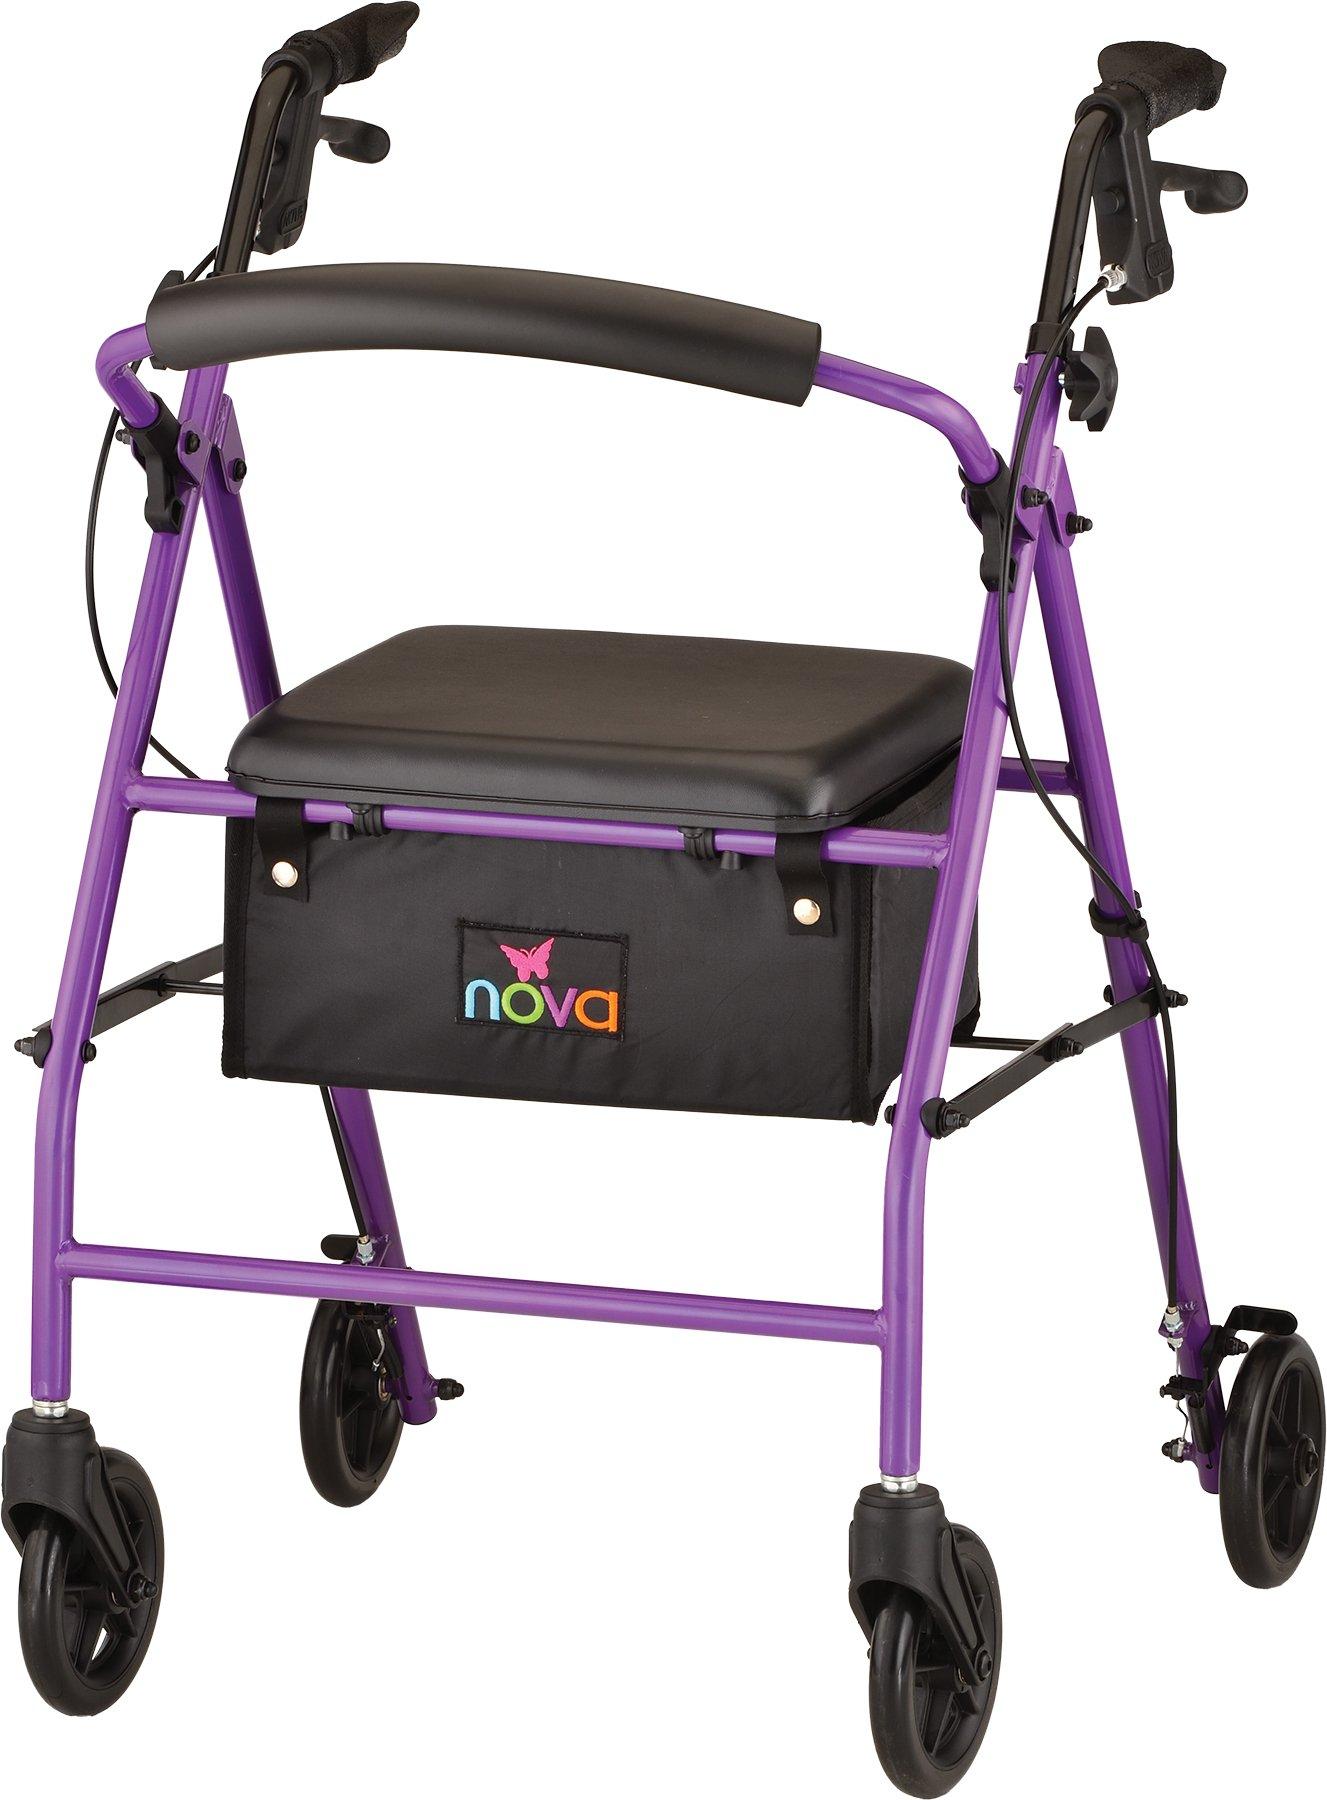 NOVA Vibe 6 Steel Rollator Walker, Purple